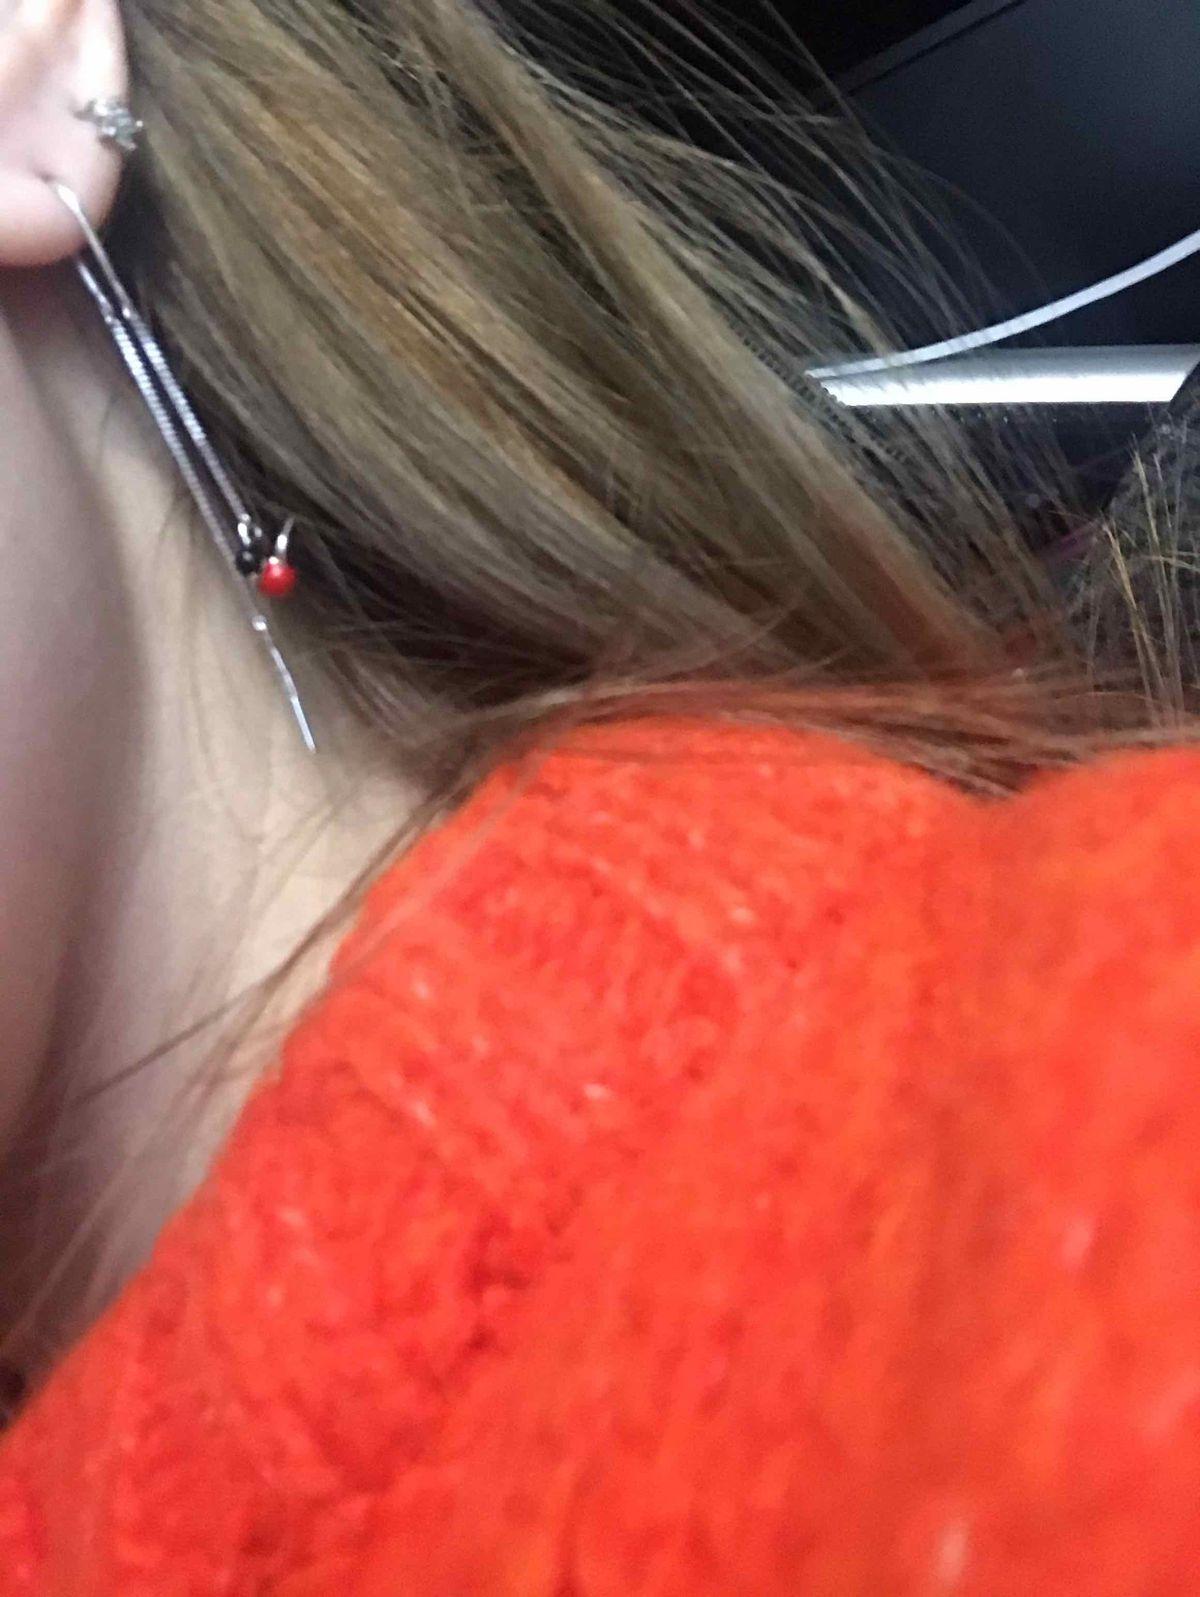 Очень милые маленькие сережки, смотрятся нежно.